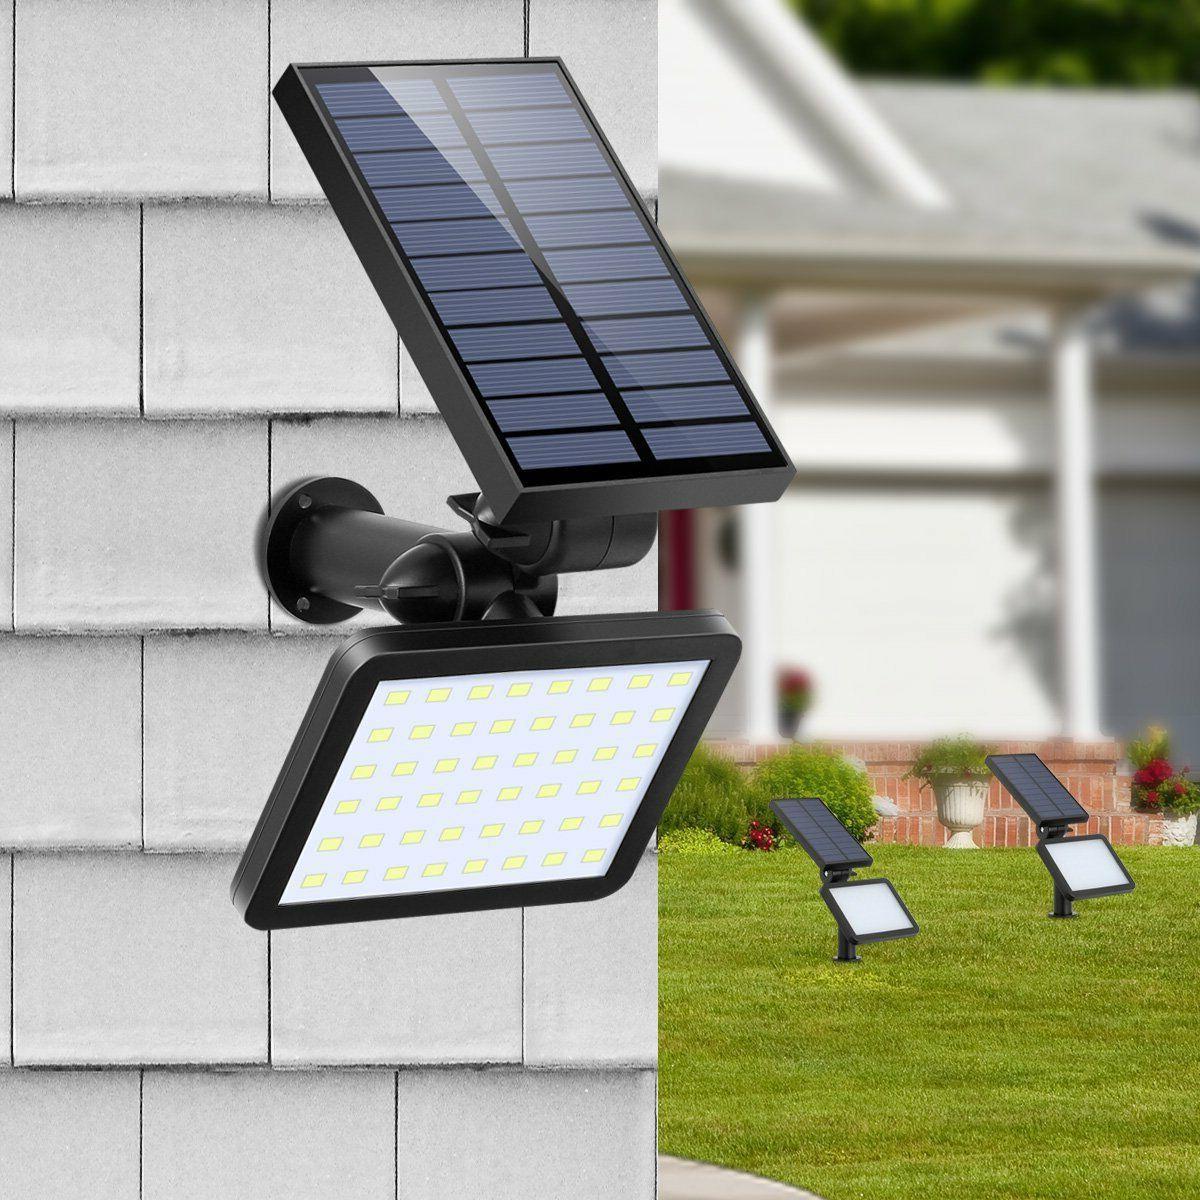 4 Solar Garden Lamp Spot Light Lawn Spotlight